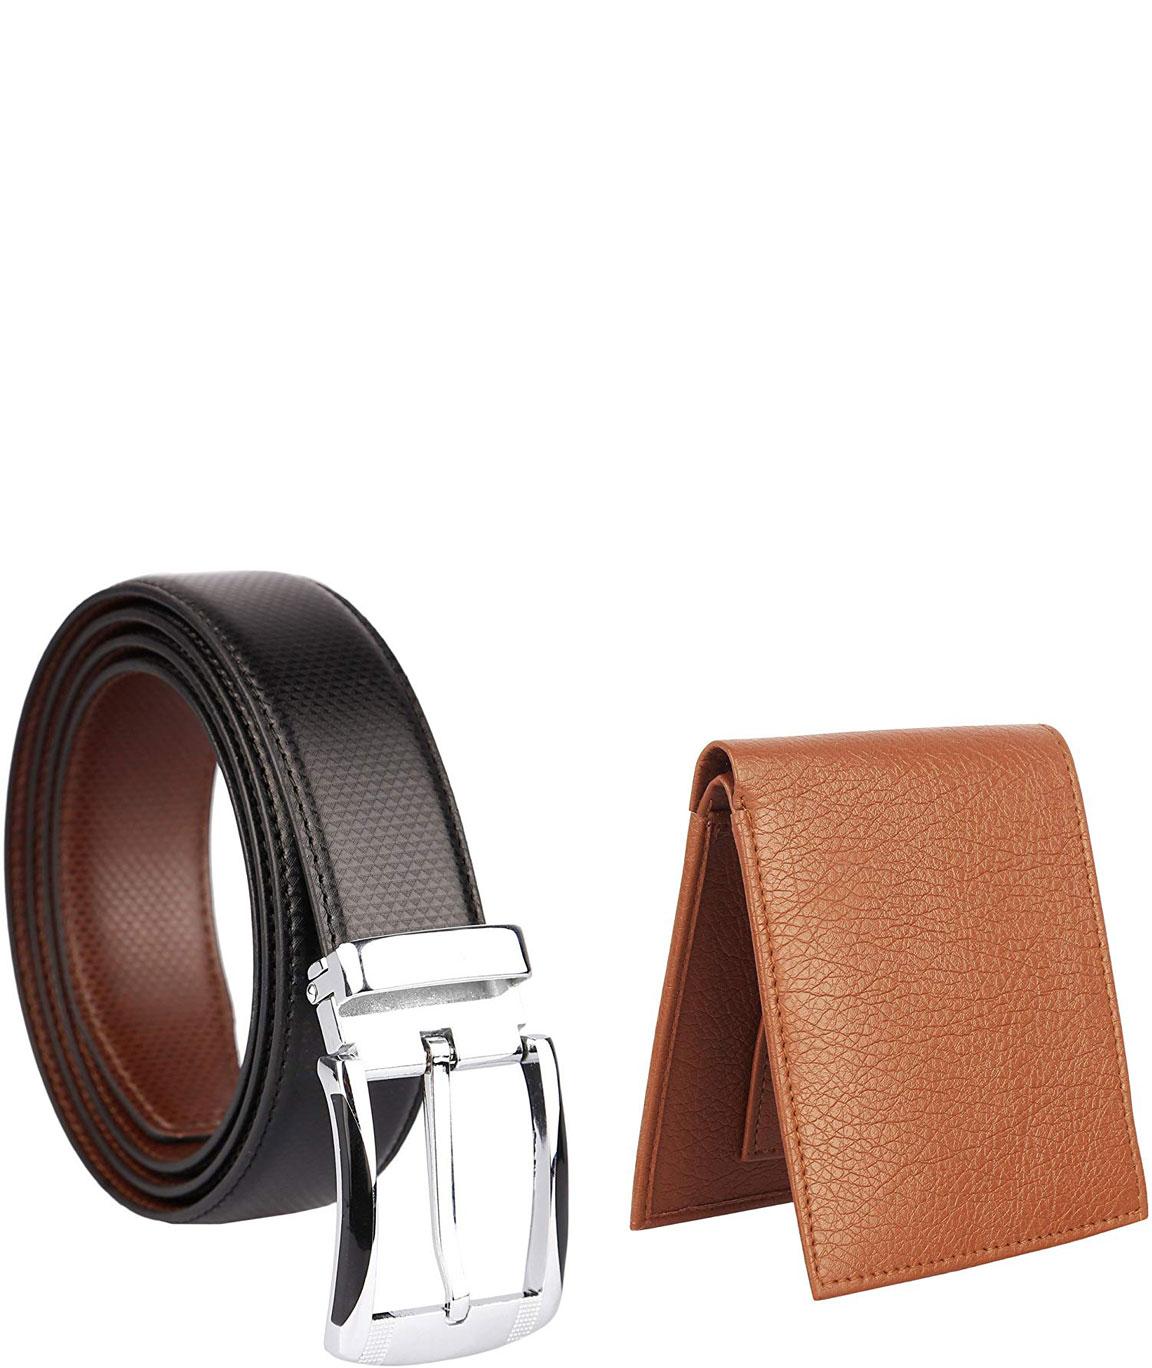 Urban Alfami Mens tan Wallet and Belt Combo